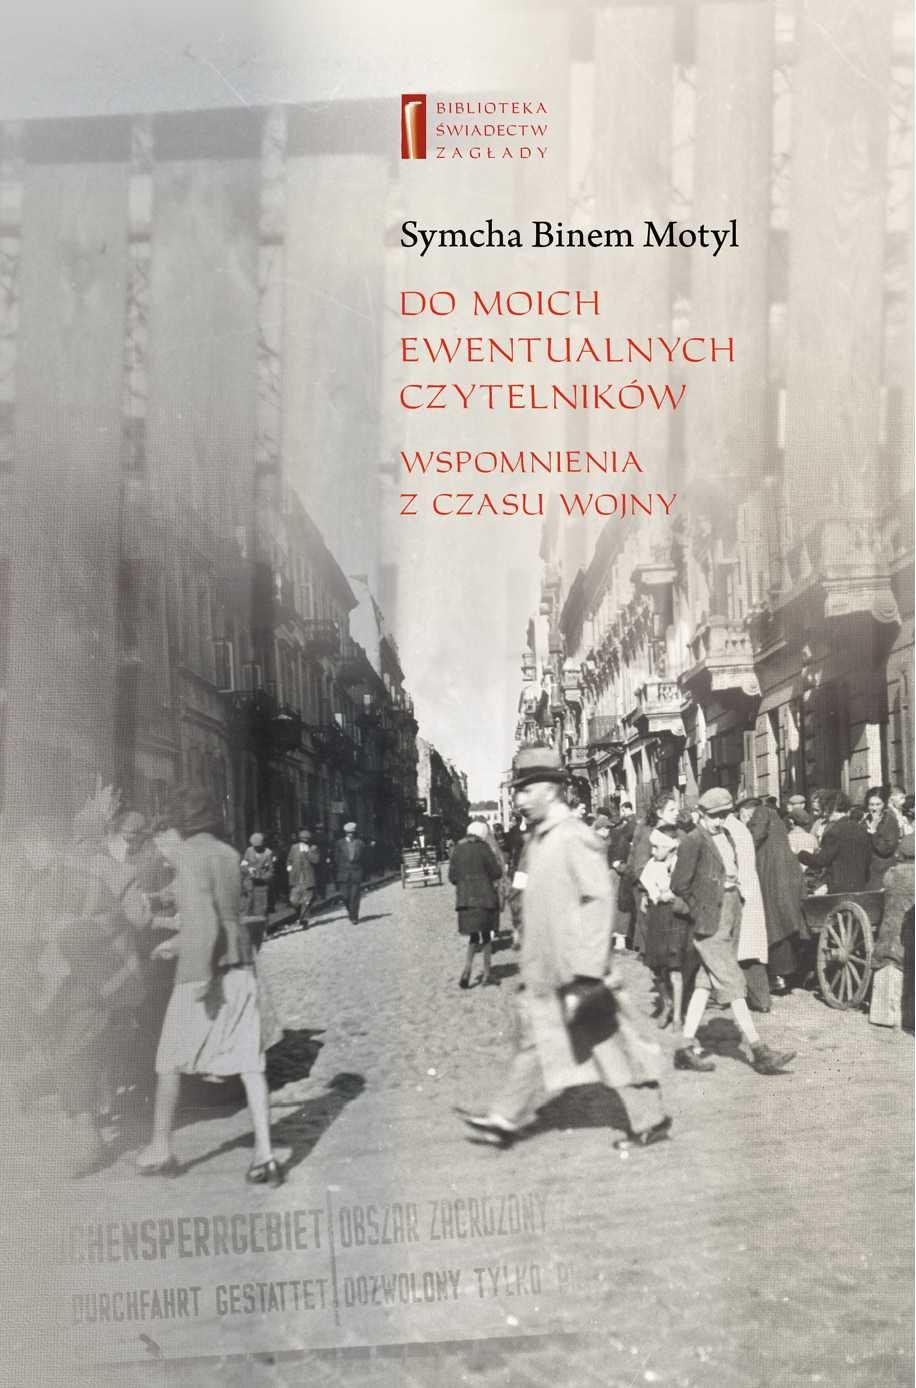 Do moich ewentualnych czytelników. Wspomnienia z czasu wojny - Ebook (Książka EPUB) do pobrania w formacie EPUB